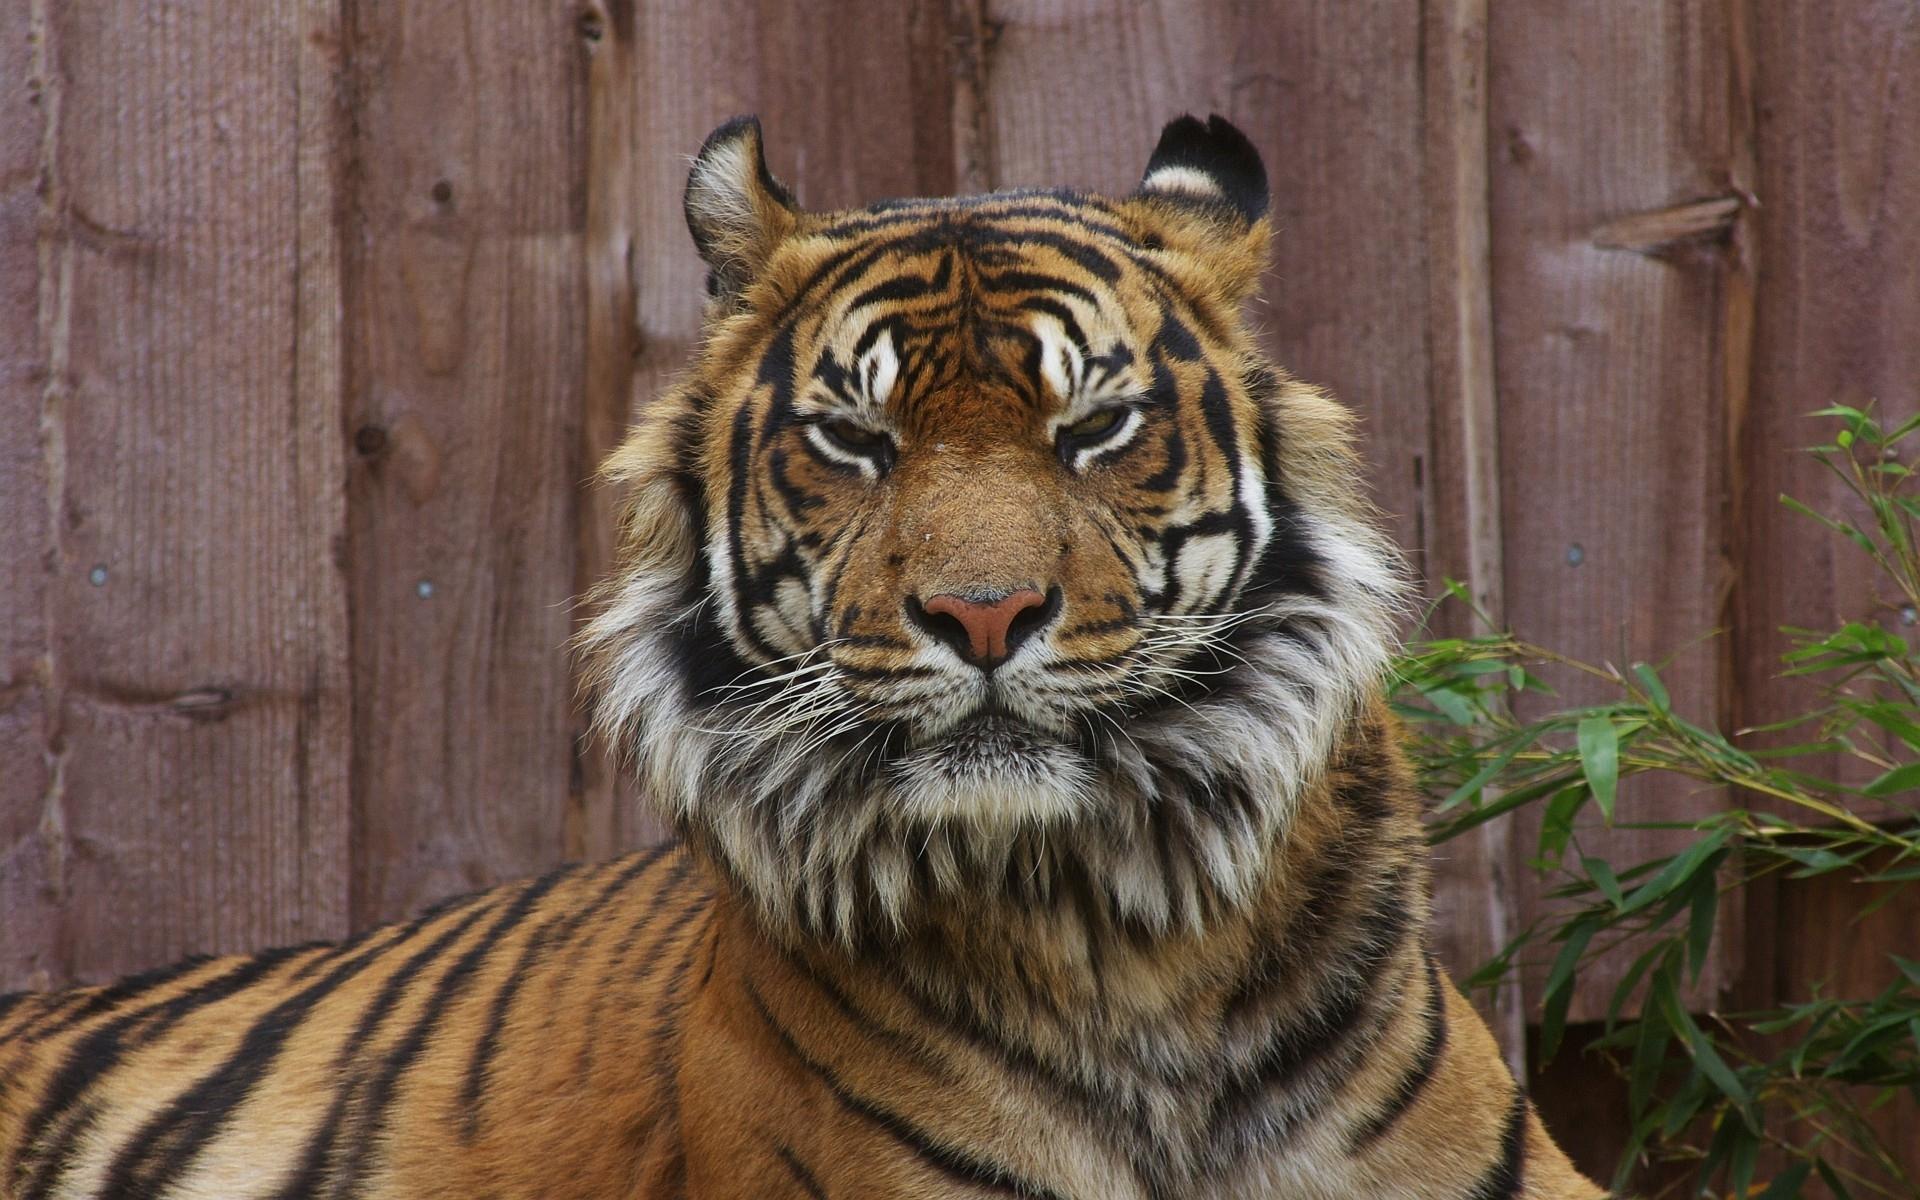 24736 Заставки и Обои Тигры на телефон. Скачать Животные, Тигры картинки бесплатно